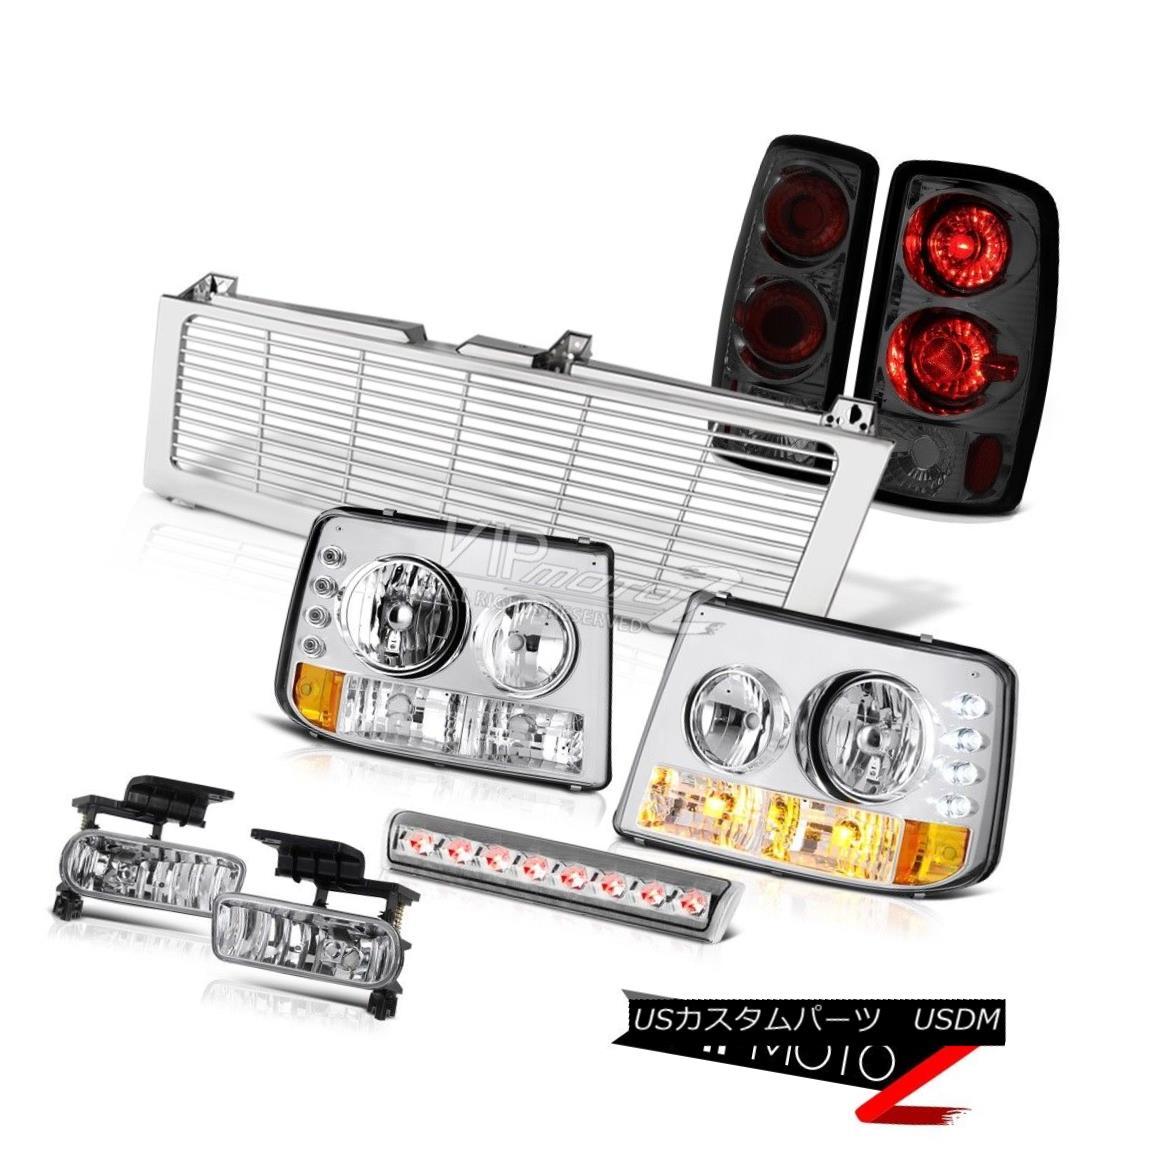 ヘッドライト Headlights 3rd Lamps Tail Sterling Chrome Fog Euro Third LED 00-2006 Chevy Tahoe ヘッドライト第3ランプテールスターリングクロムフォグユーロサードLED 00-2006シボレータホ